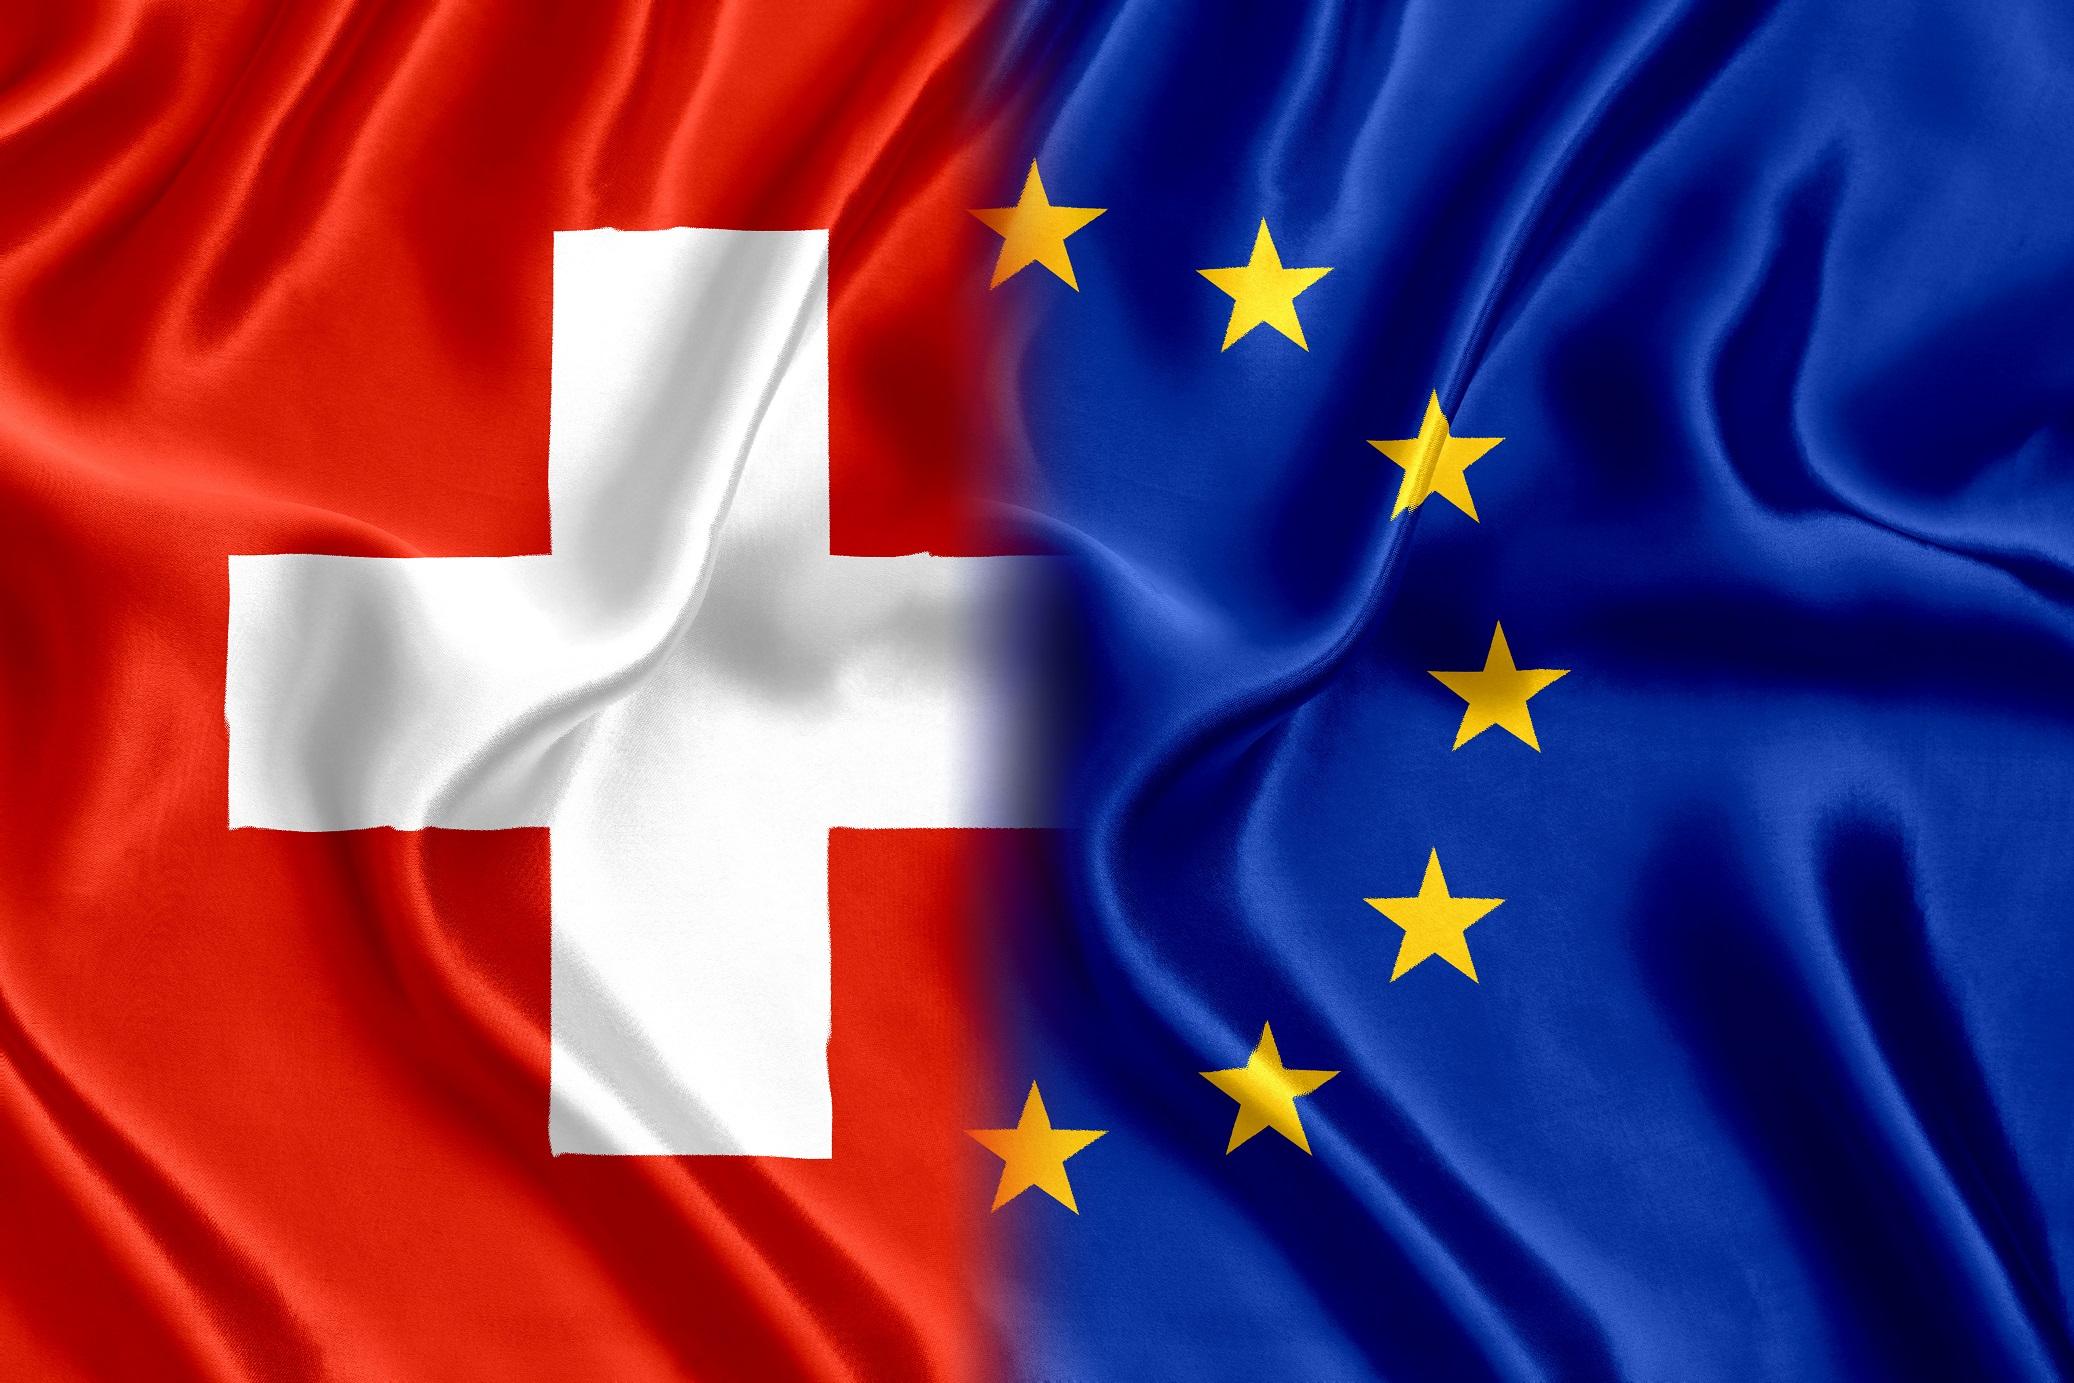 Werkstatt Basel – Aufbruch oder Abbruch: Hat der bilaterale Weg eine Zukunft?